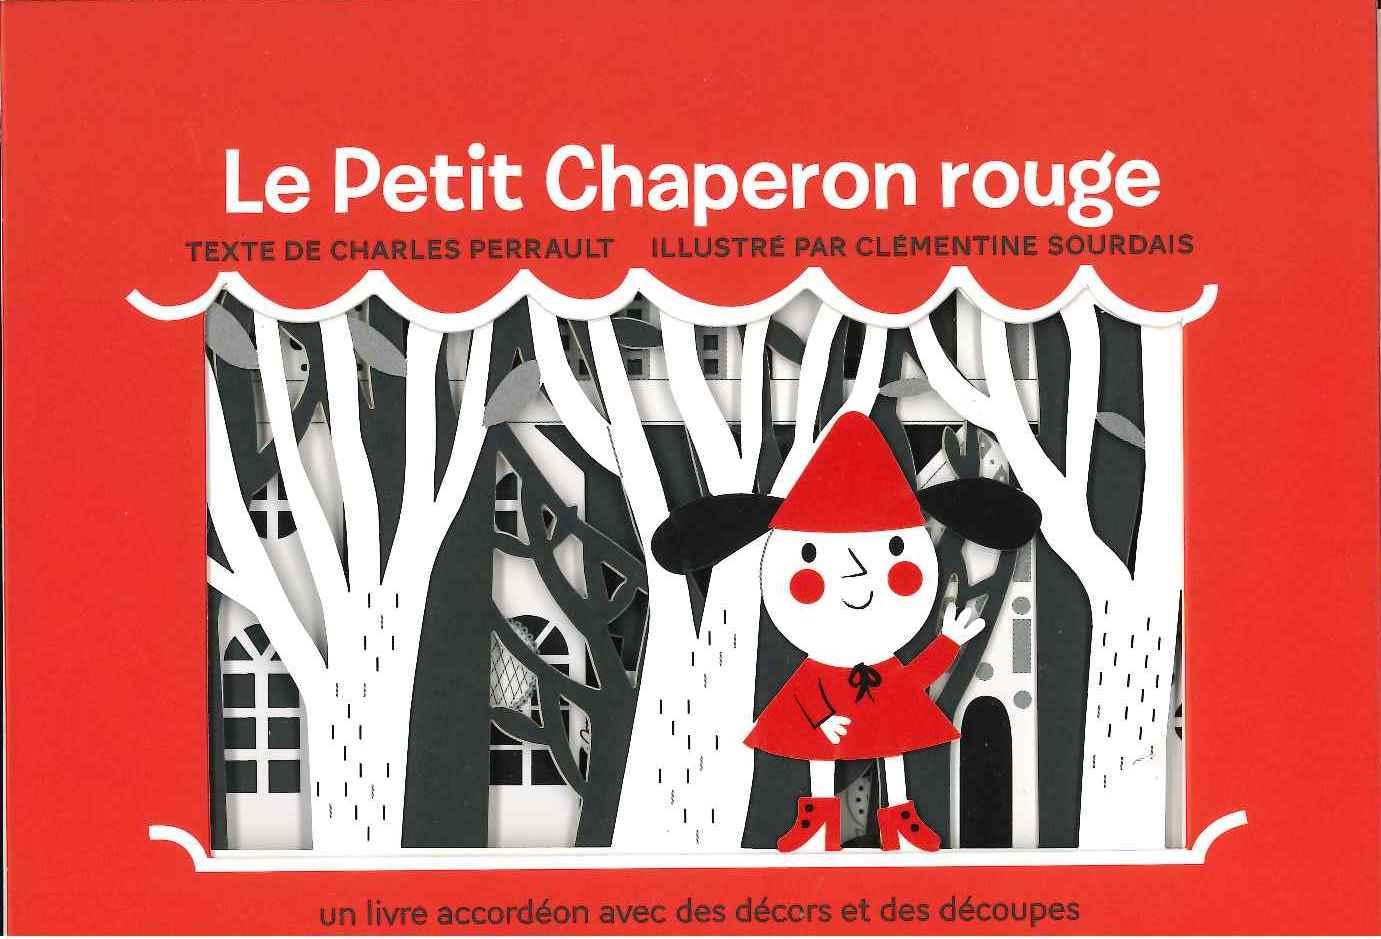 Le petit chaperon rouge (Clémentine Sourdais)